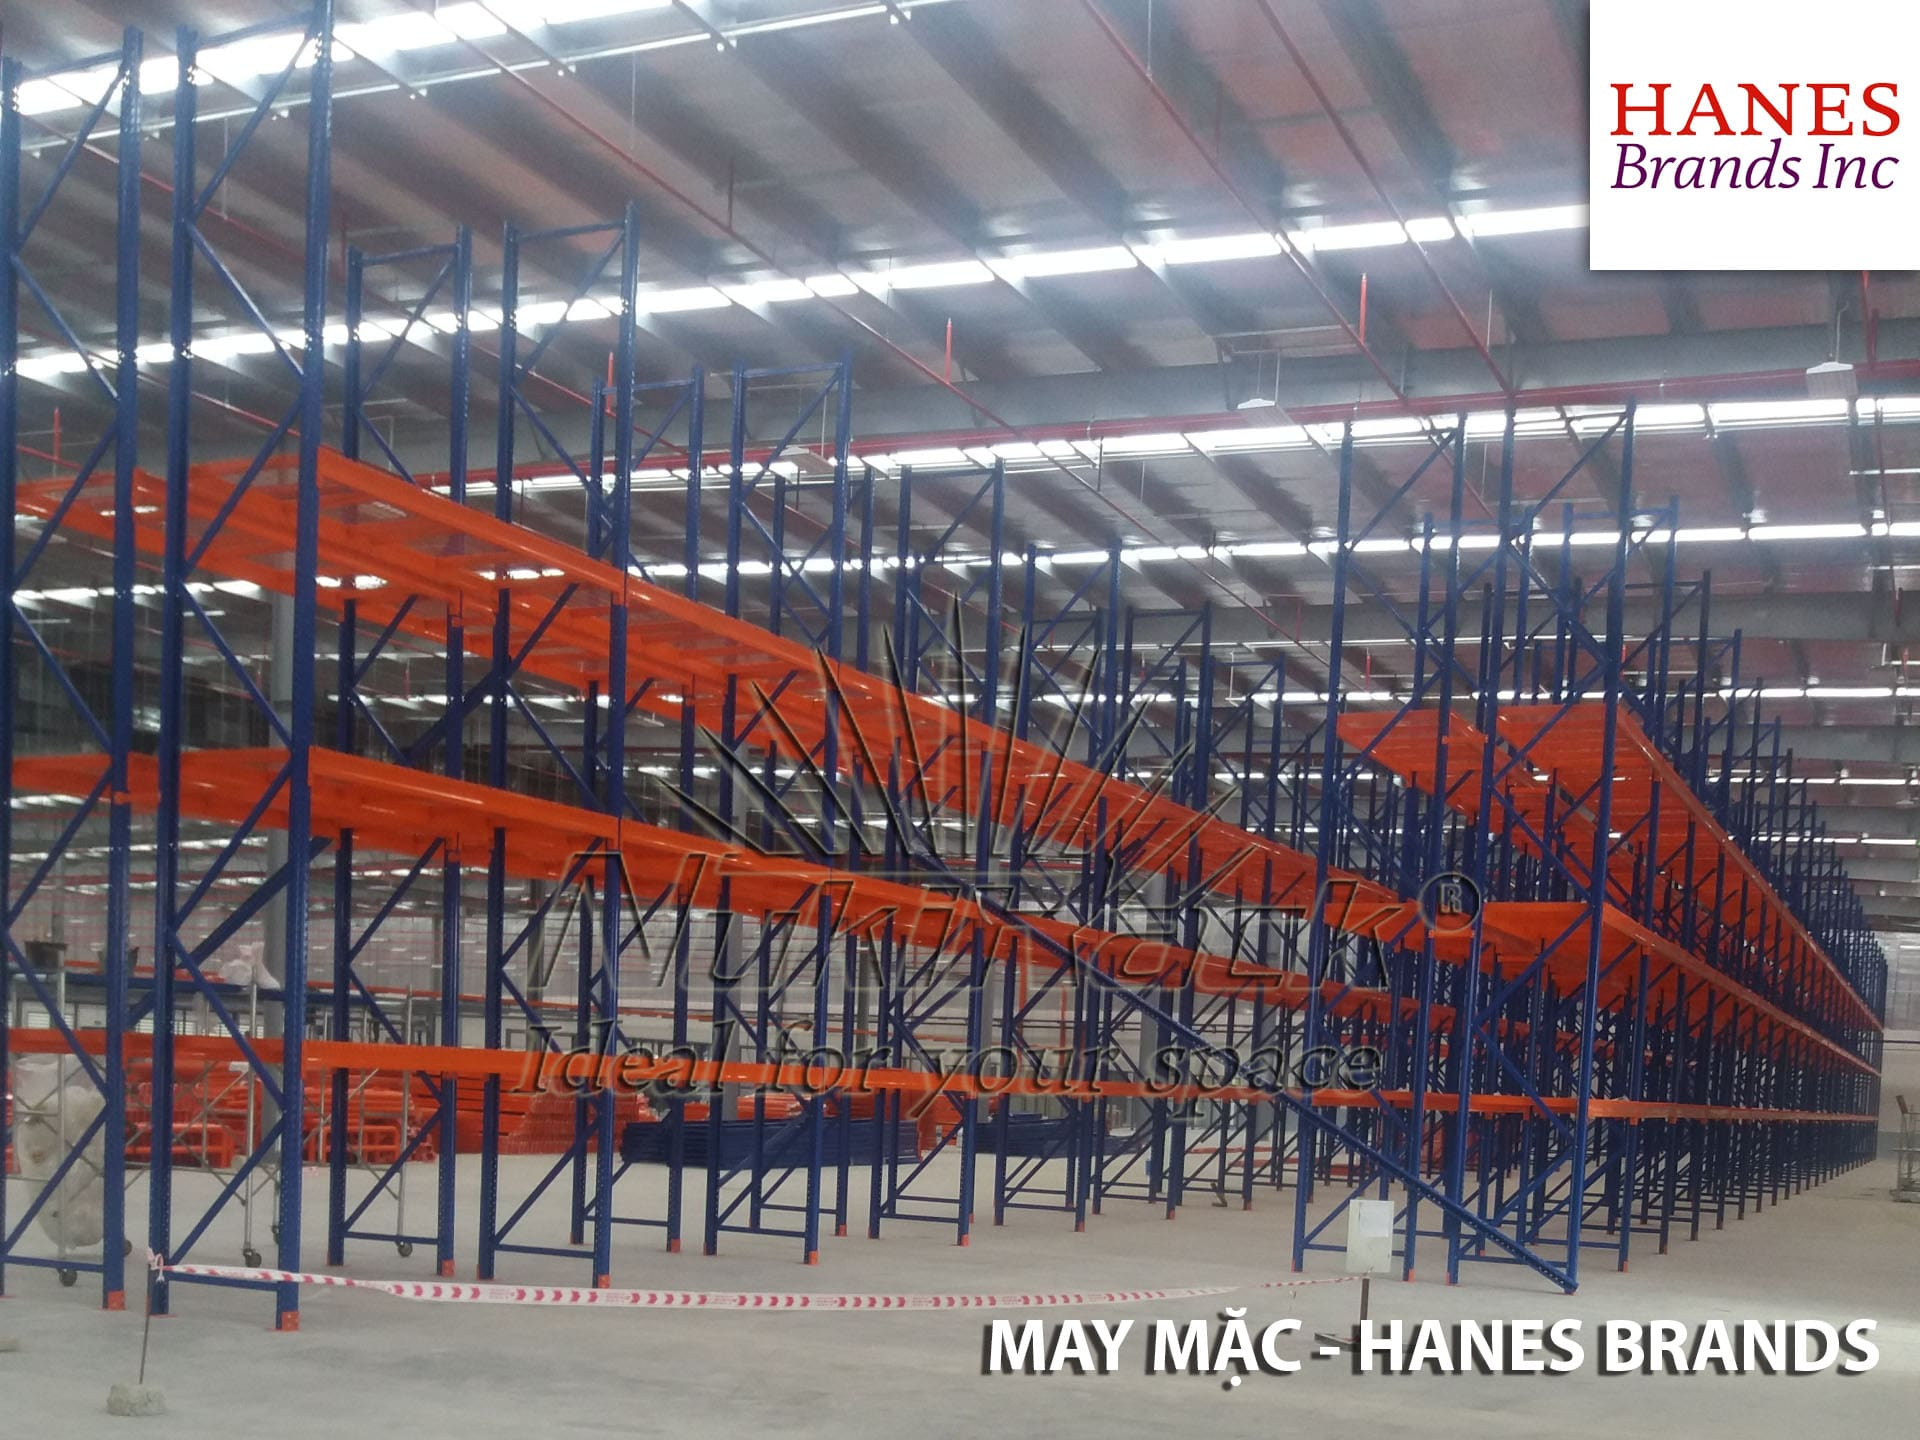 Kệ Selective cho ngành hàng may mặc -  Hanes Brands